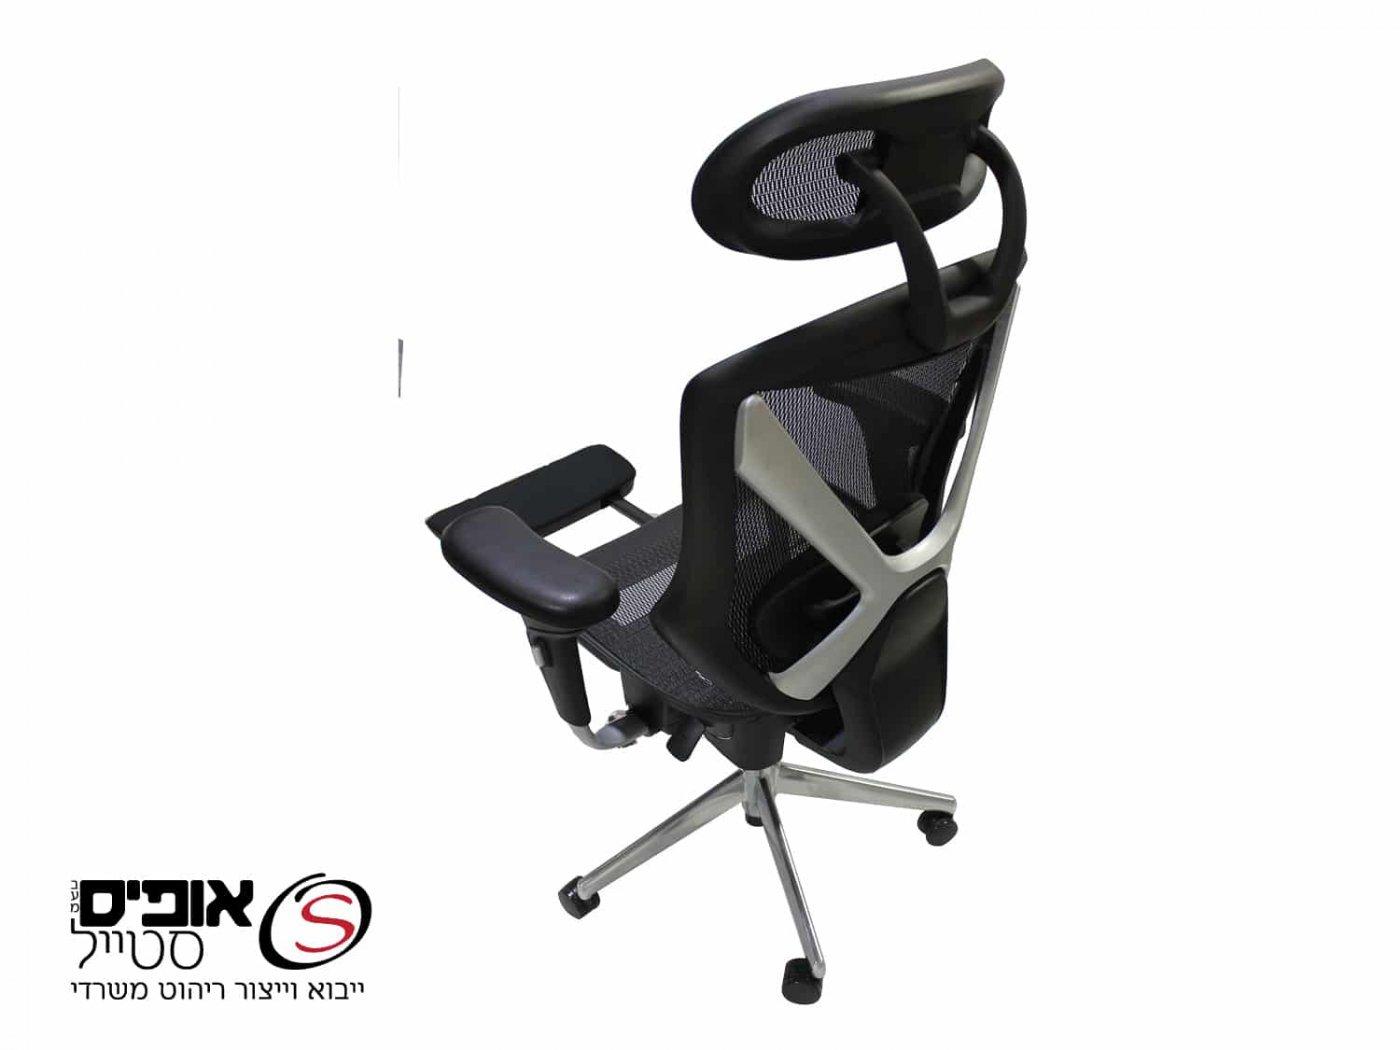 כסא מנהל אקסקלוסיבי דגם גלאקסי עם הדום רגליים